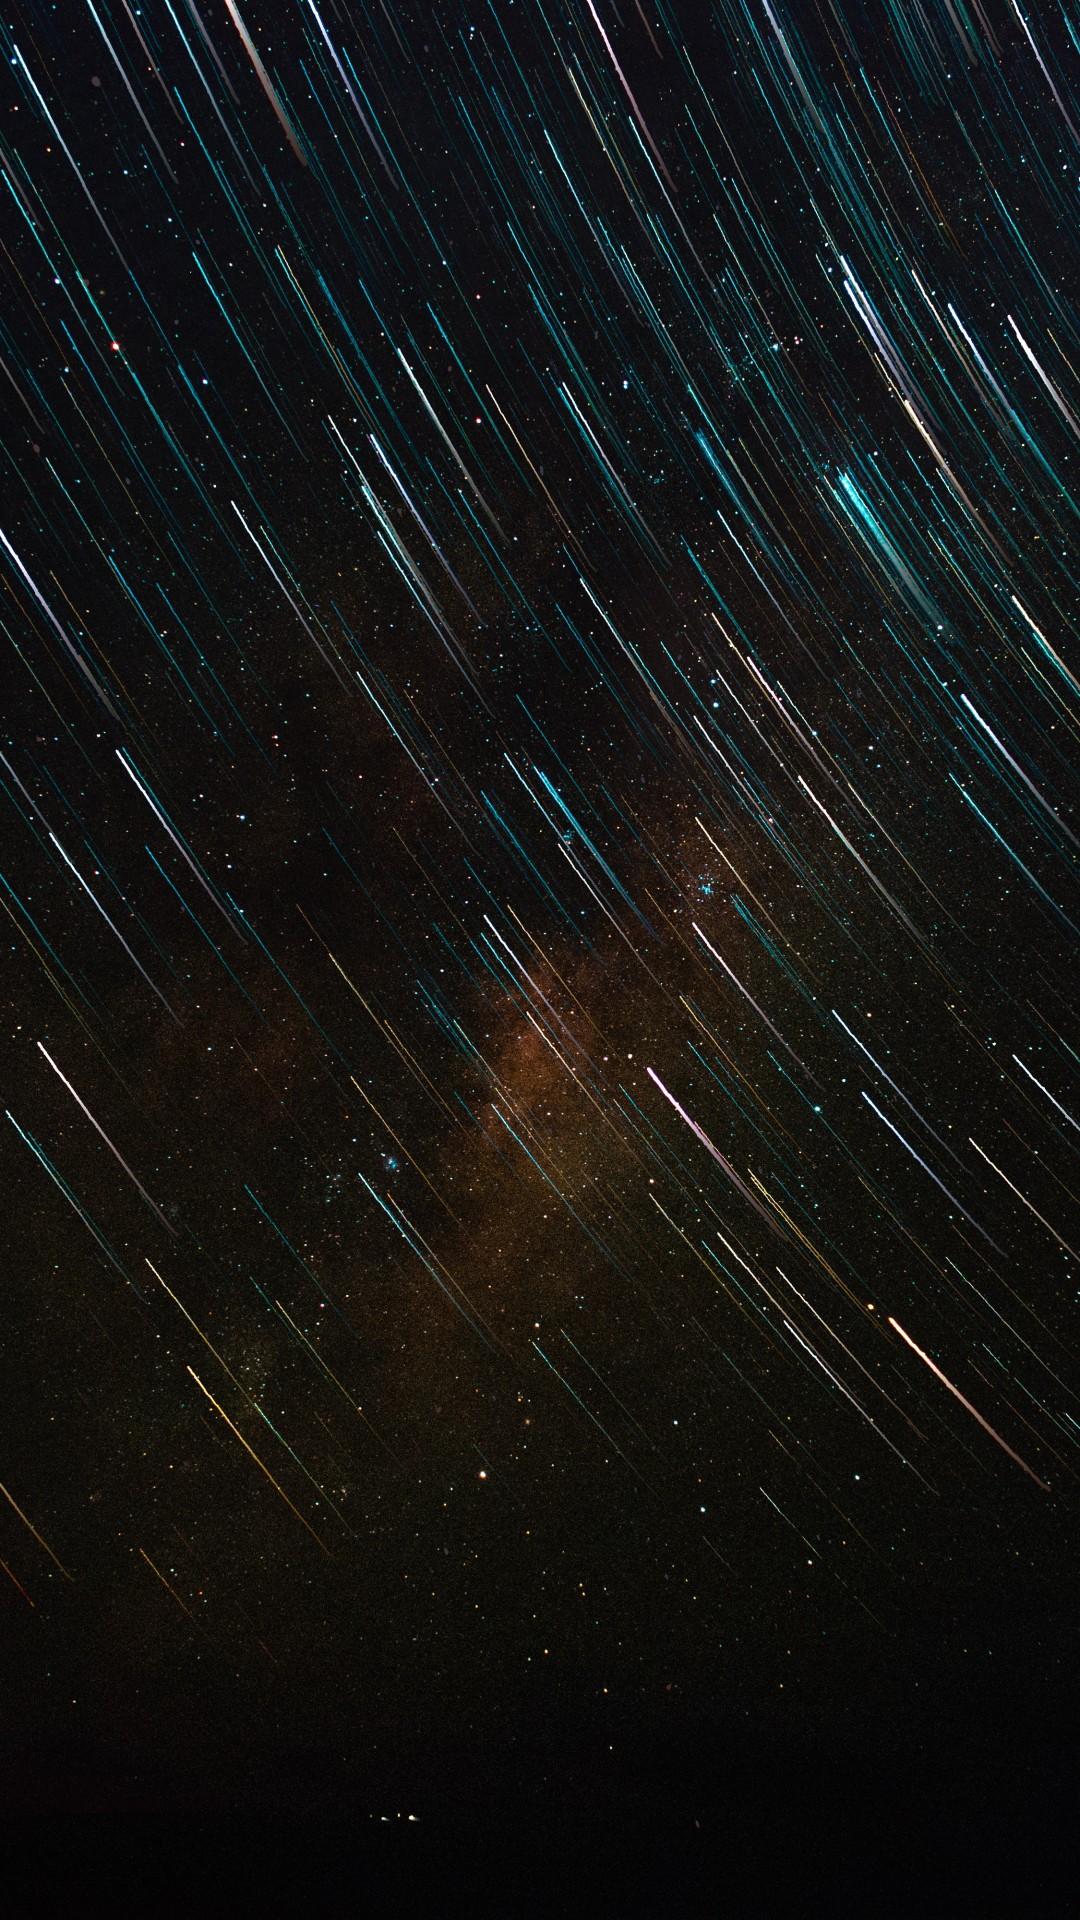 stars 1080x1920 star trail galaxy sky 4k 6k 18295